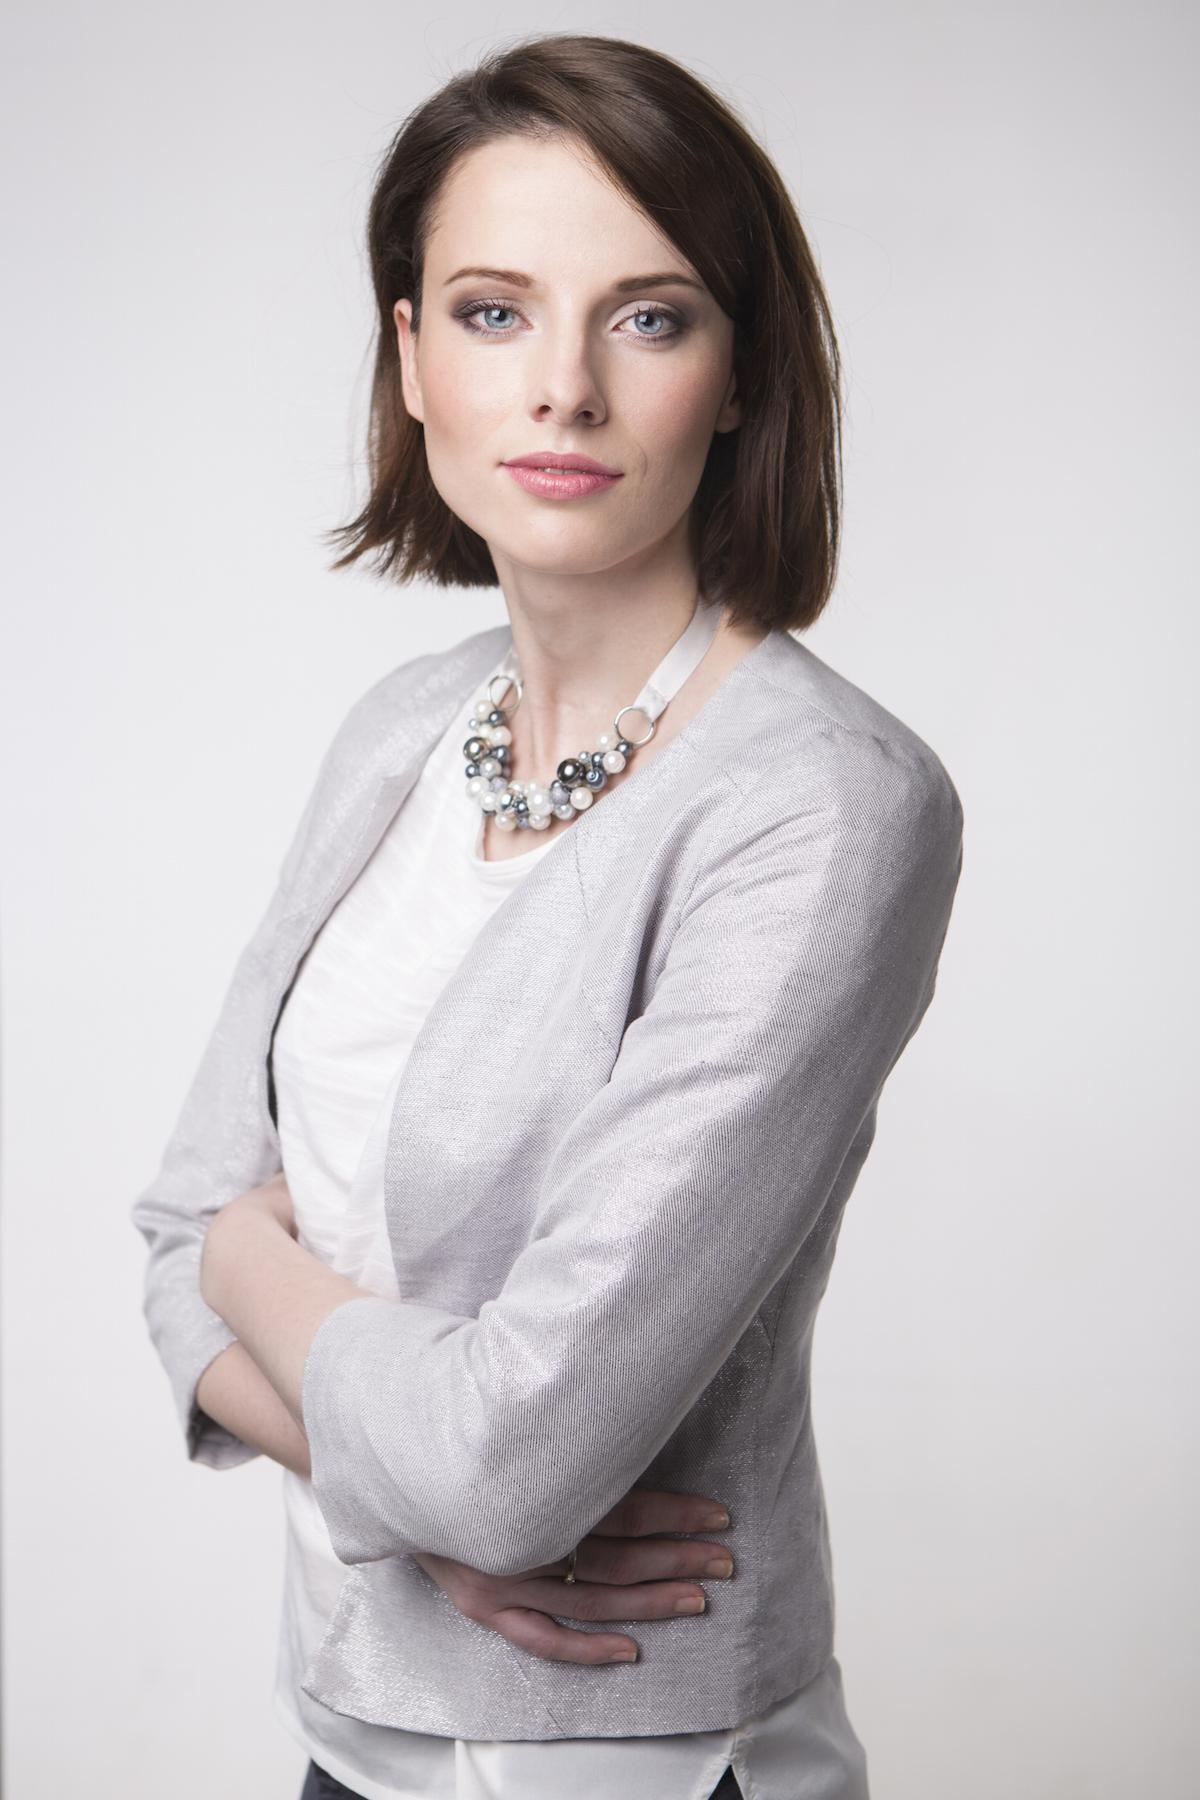 Irena Setikovská